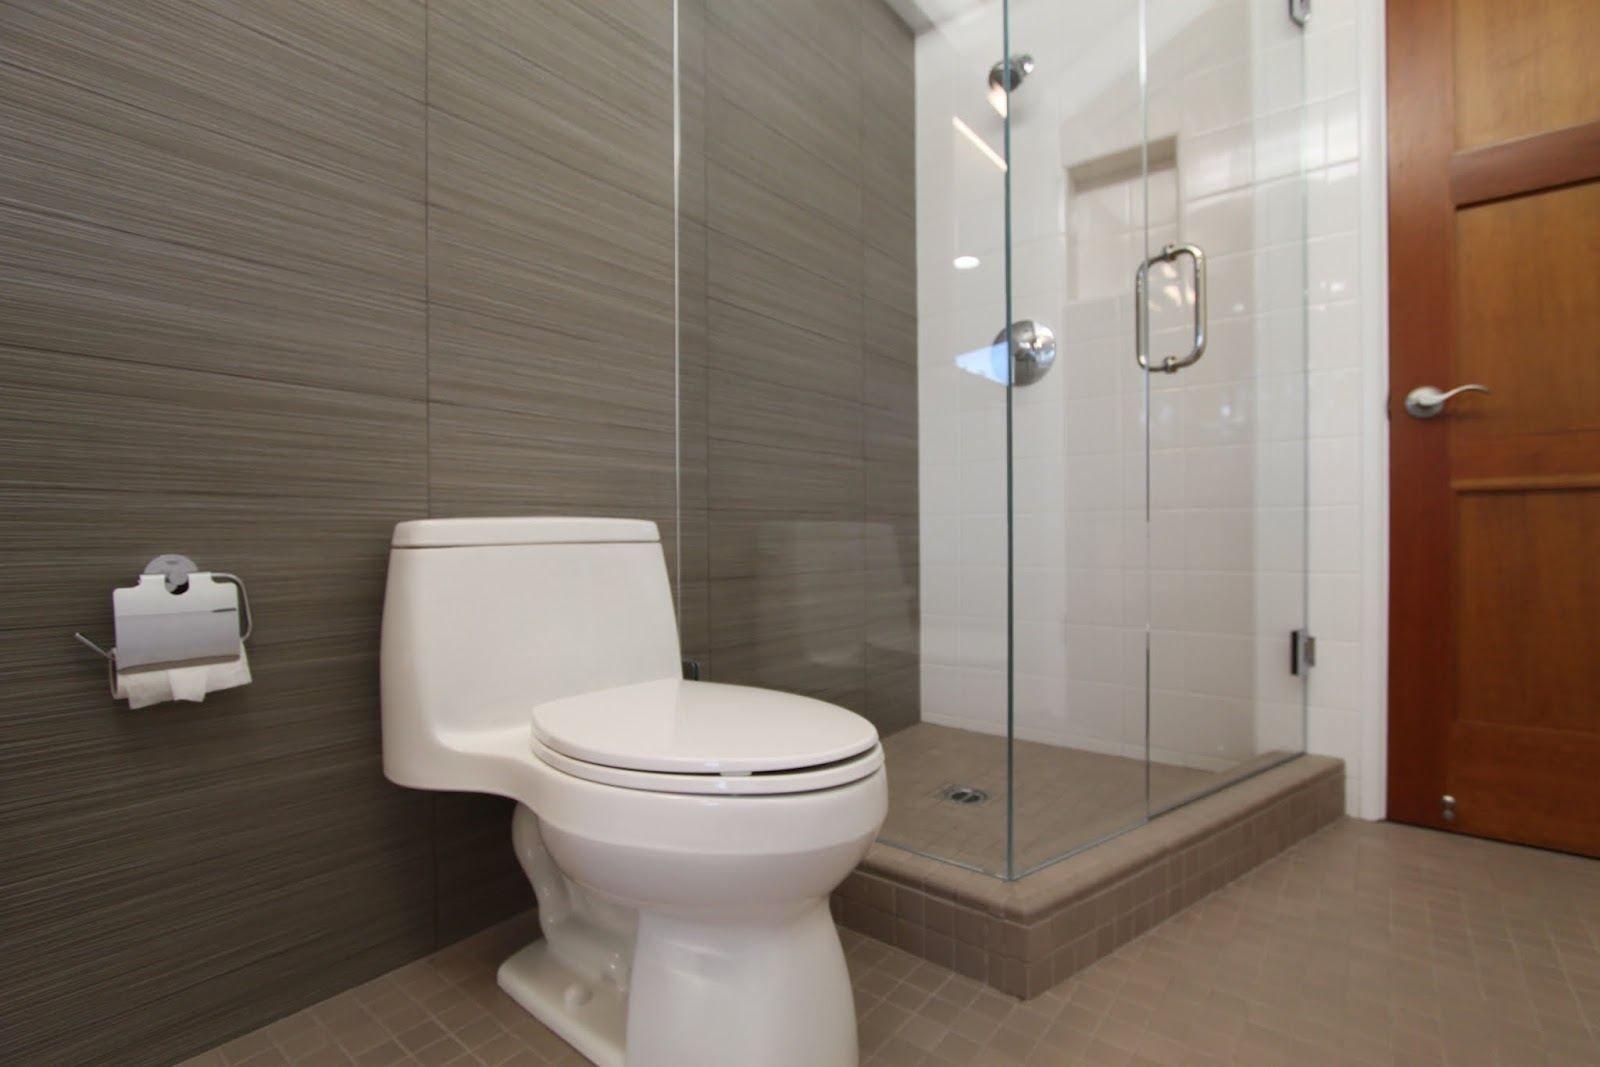 Contemporary Bathroom Light Fixtures Antique Brass House - Antique brass bathroom light fixtures for bathroom decor ideas